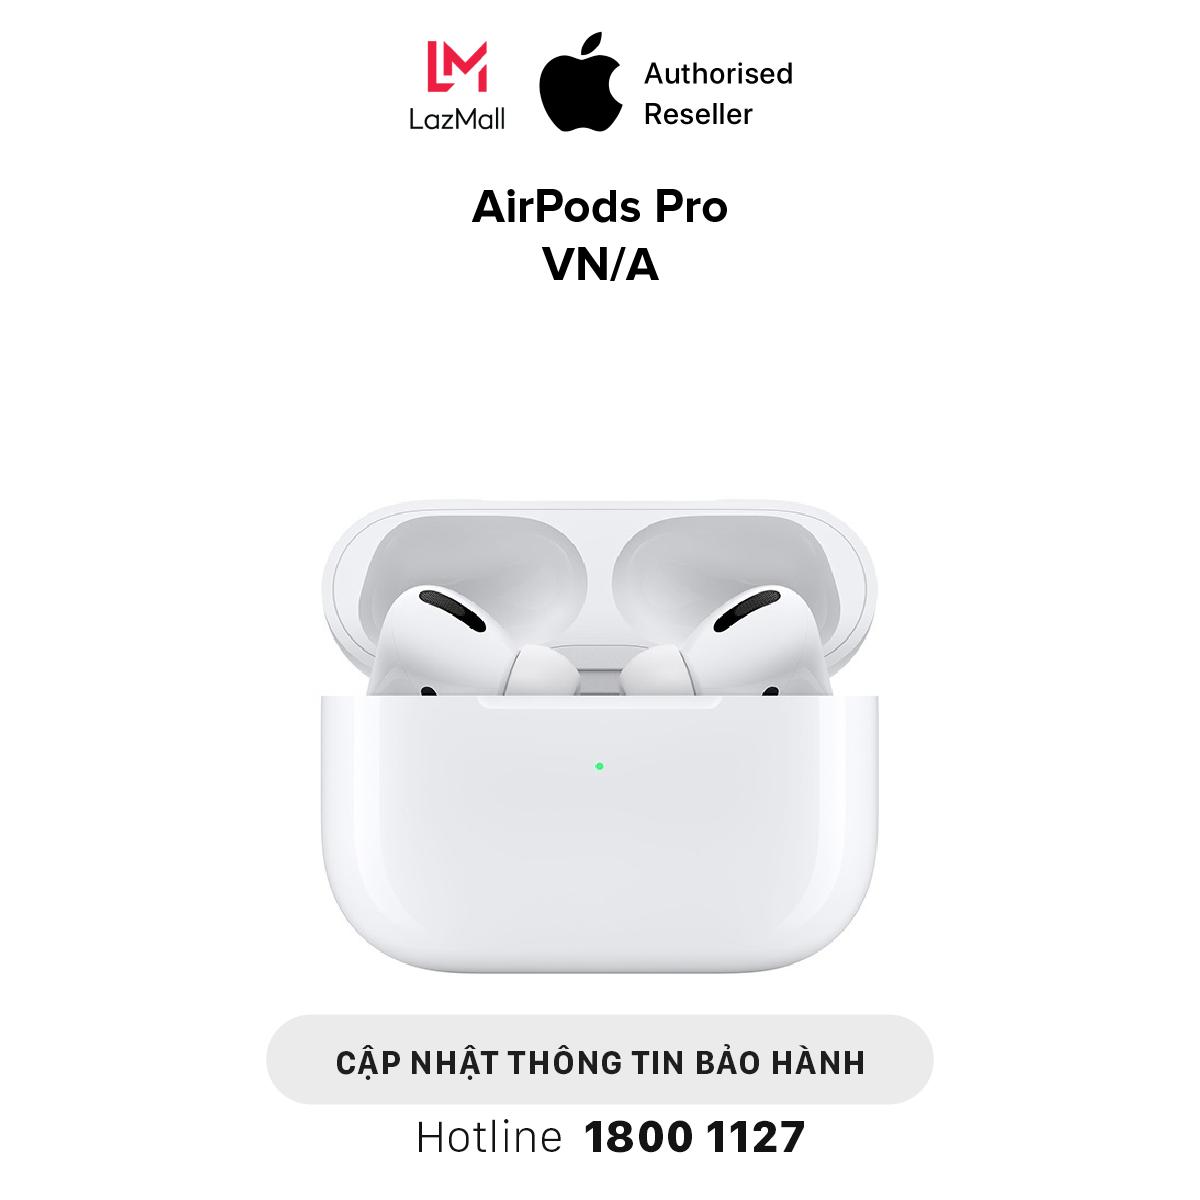 Tai Nghe Bluetooth Apple AirPods Pro – Hàng Chính Hãng VN/A – MWP22VN/A